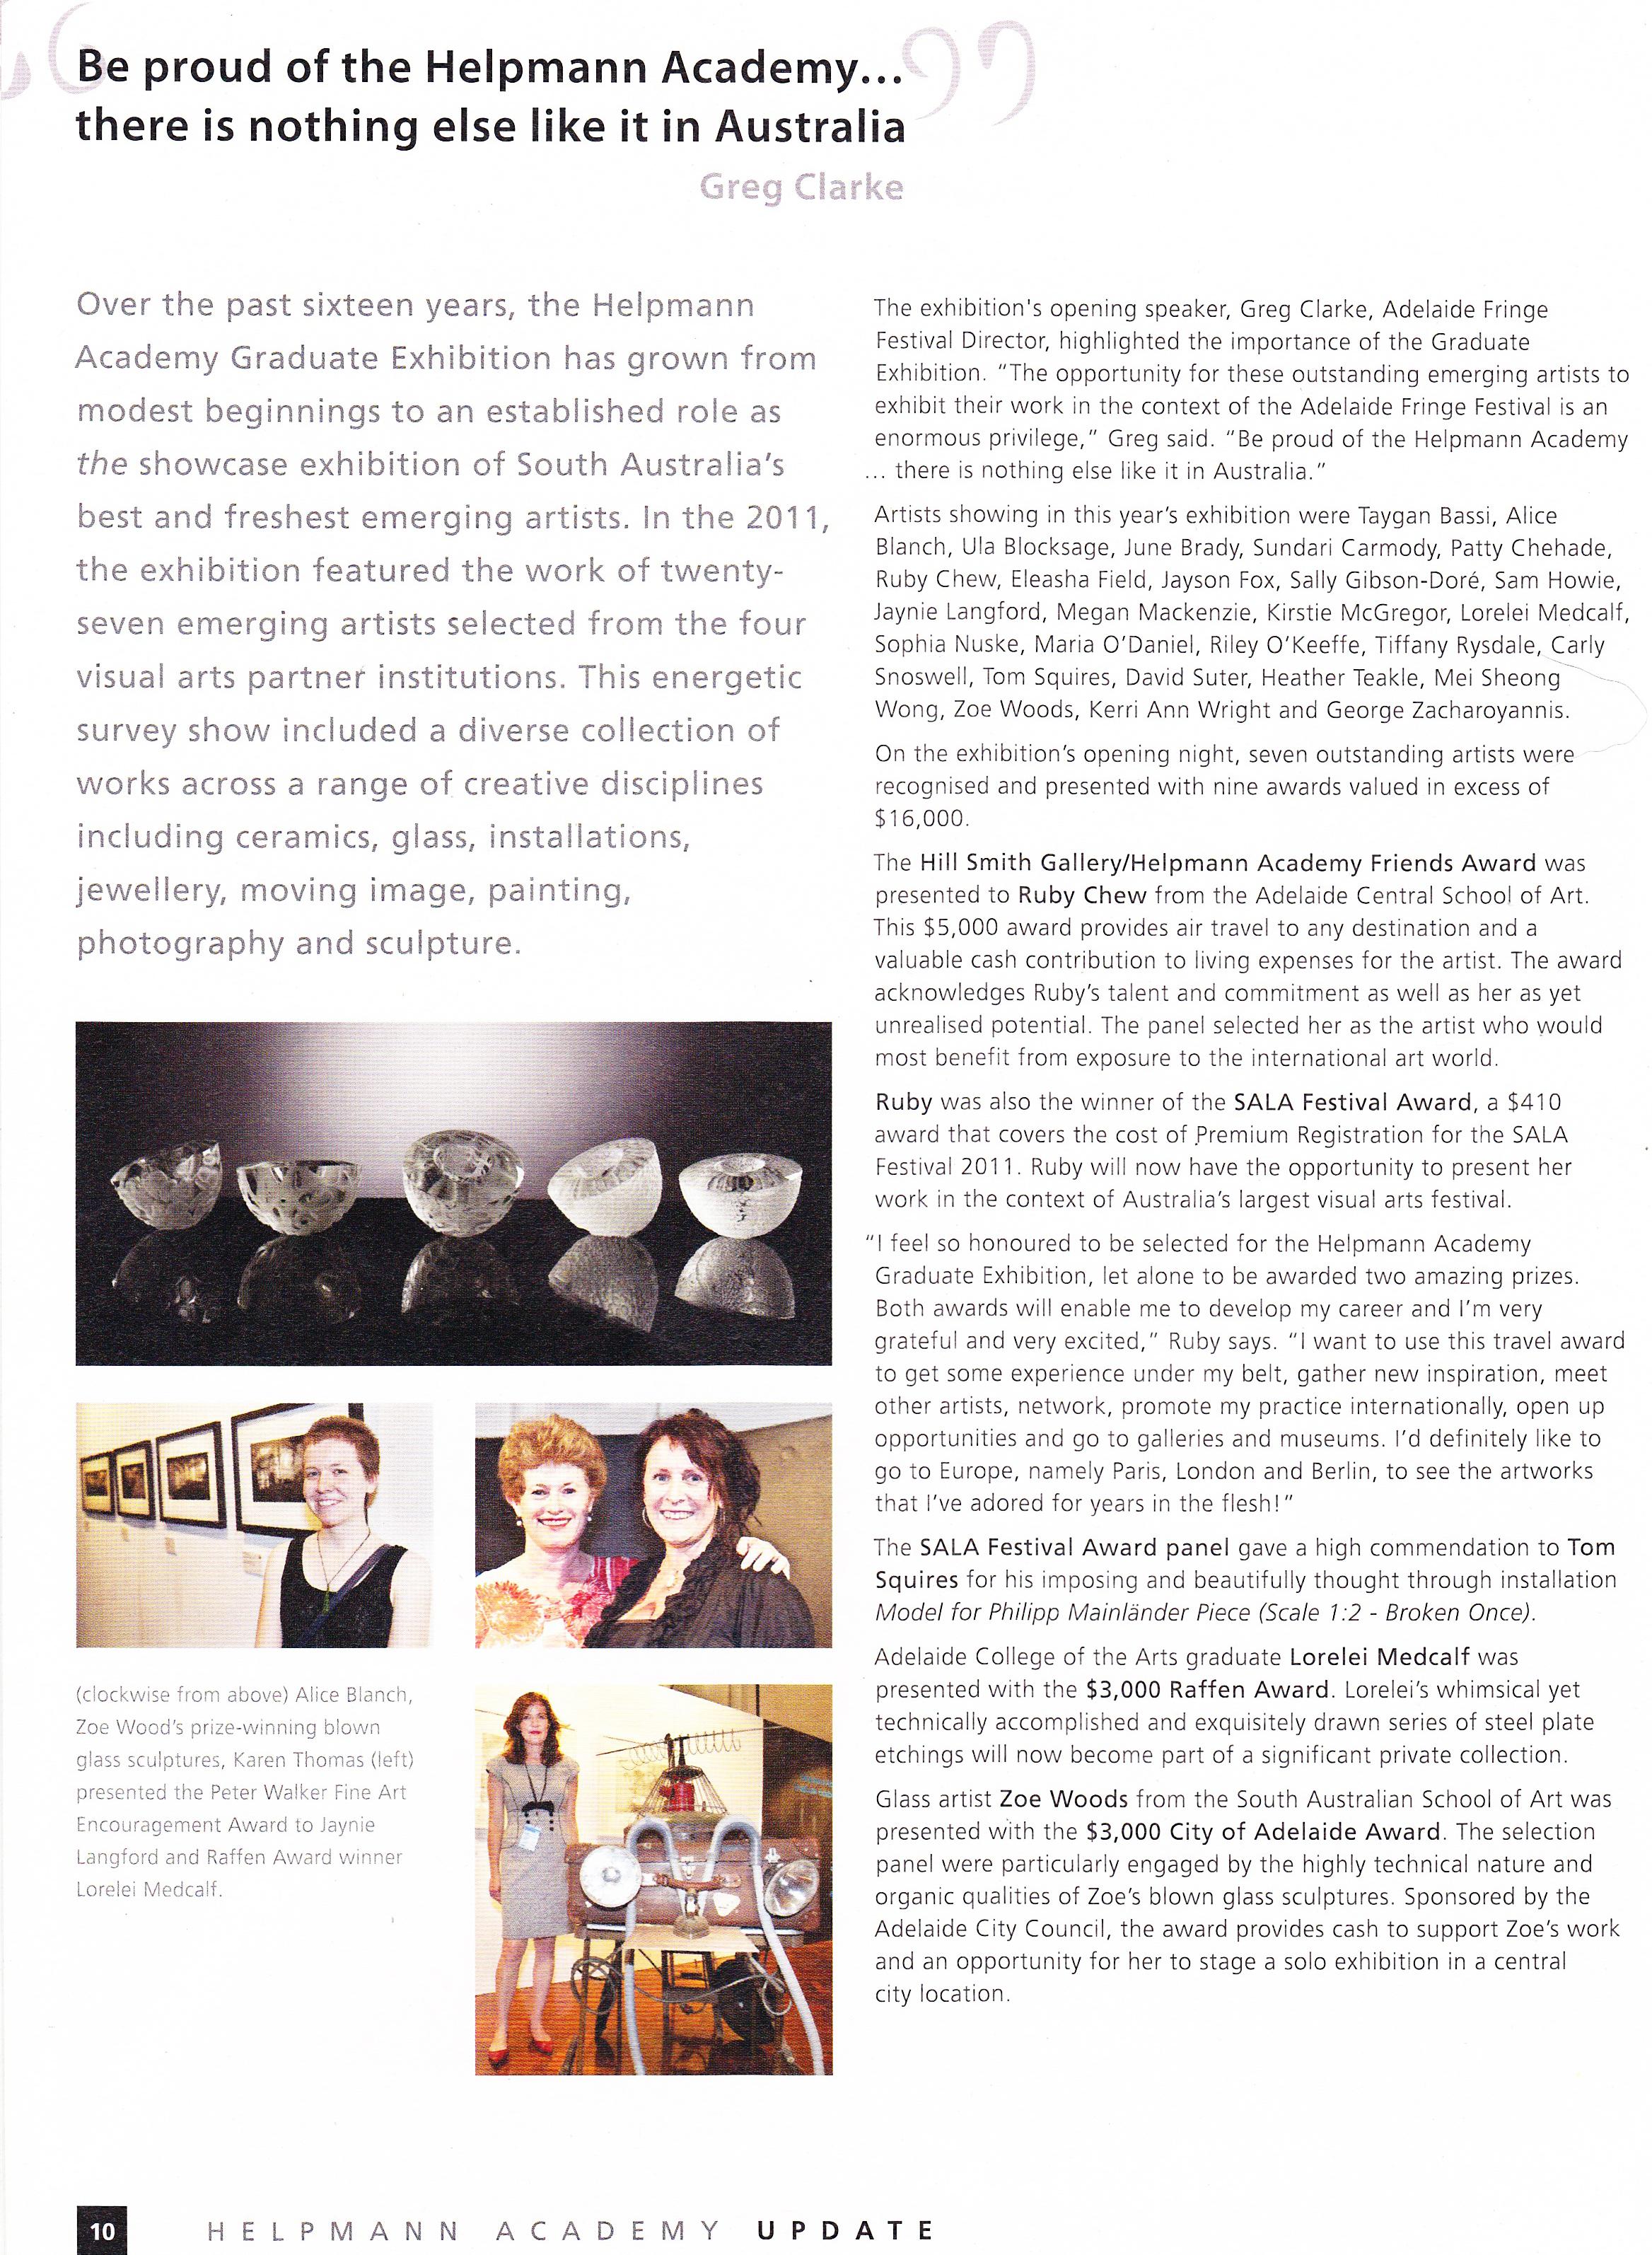 Helpmann Academy Graduate Exhibition   ,   Helpmann Academy Update Arts Magazine, May 2011